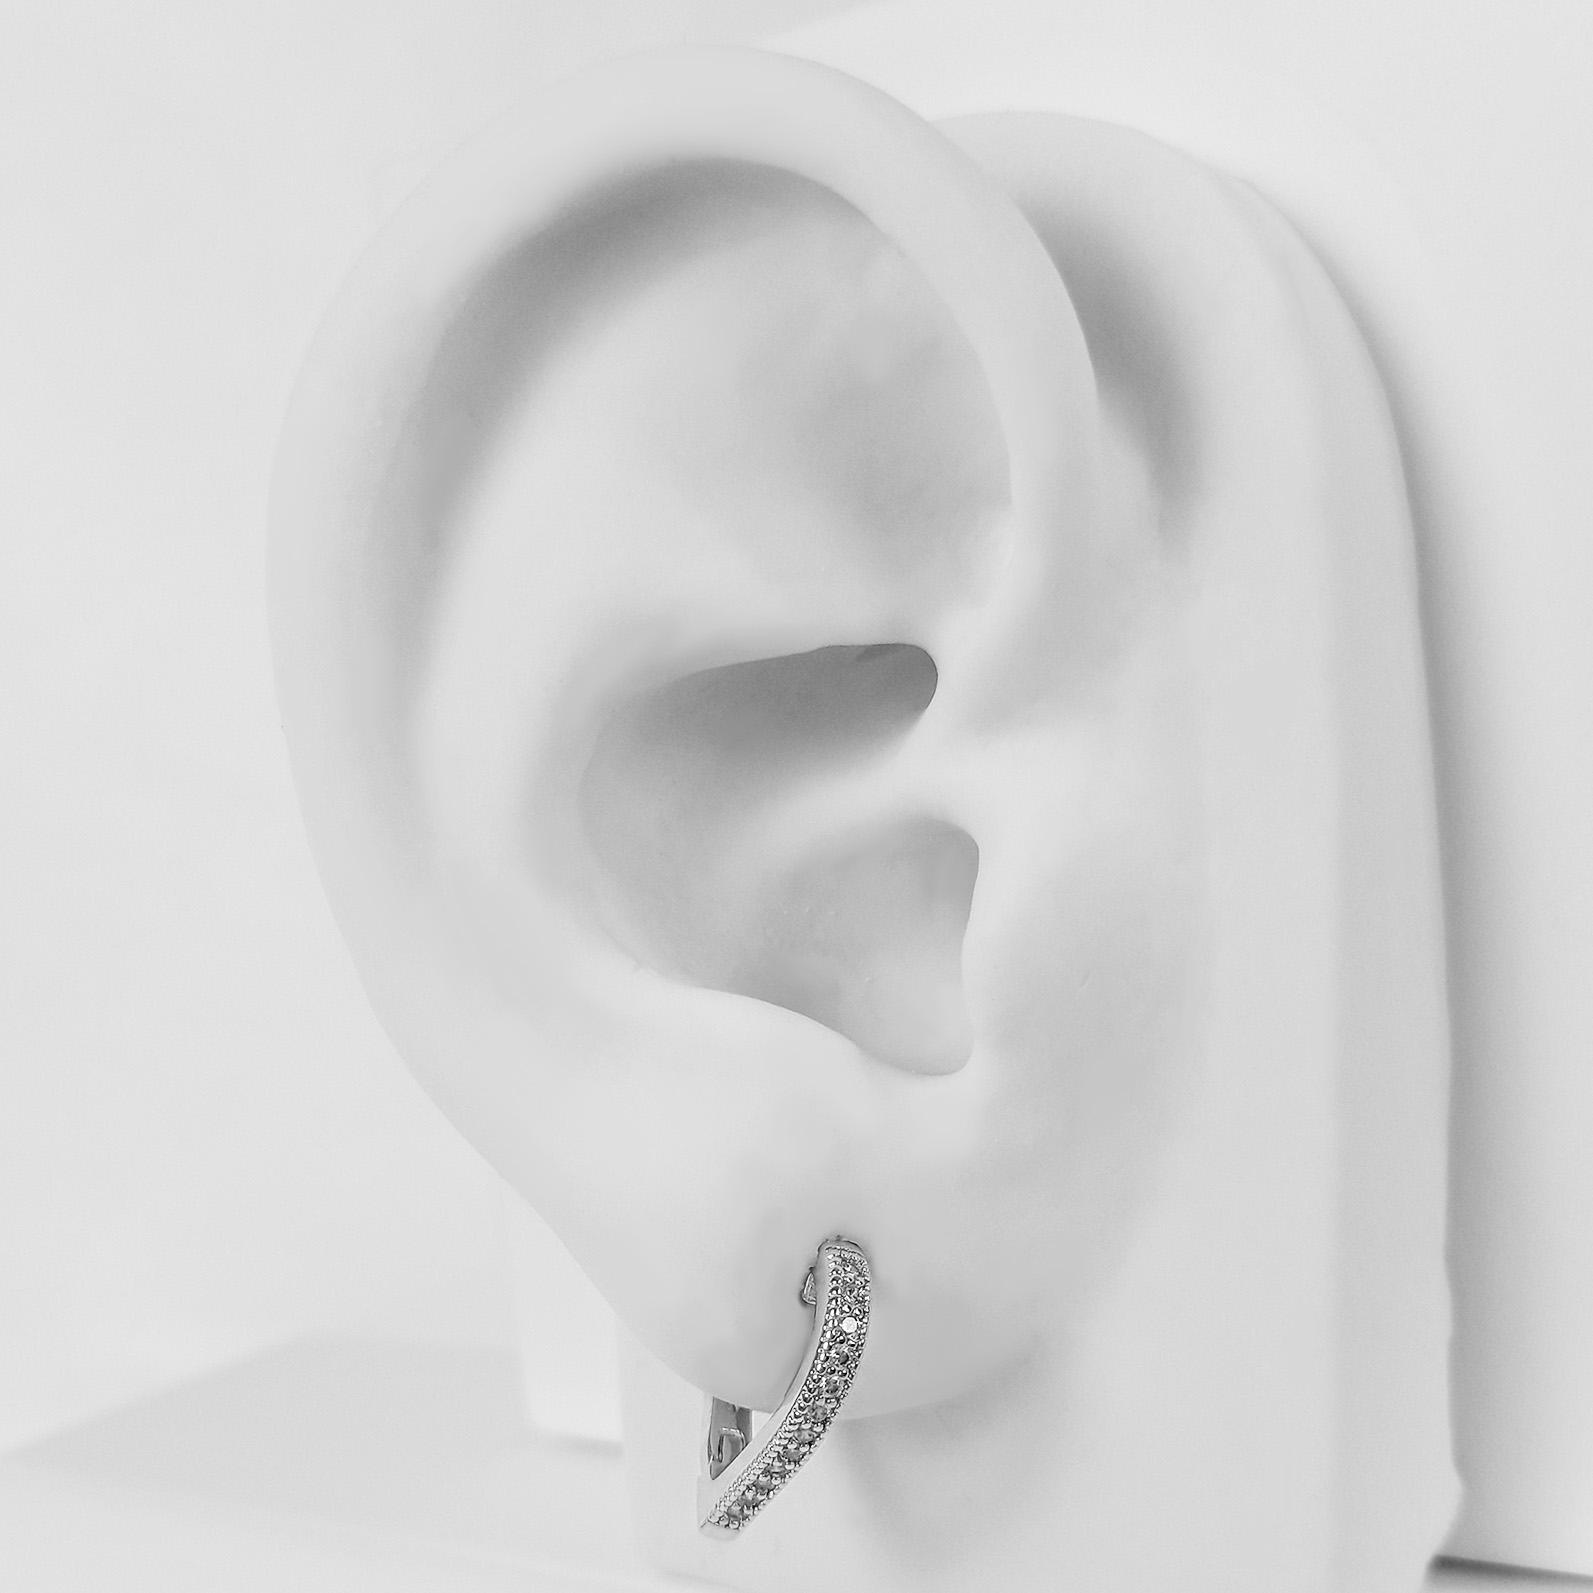 Brinco Argola Coração 1,6 cm Cravejado Folheado a Prata 1000  - Lunozê Joias